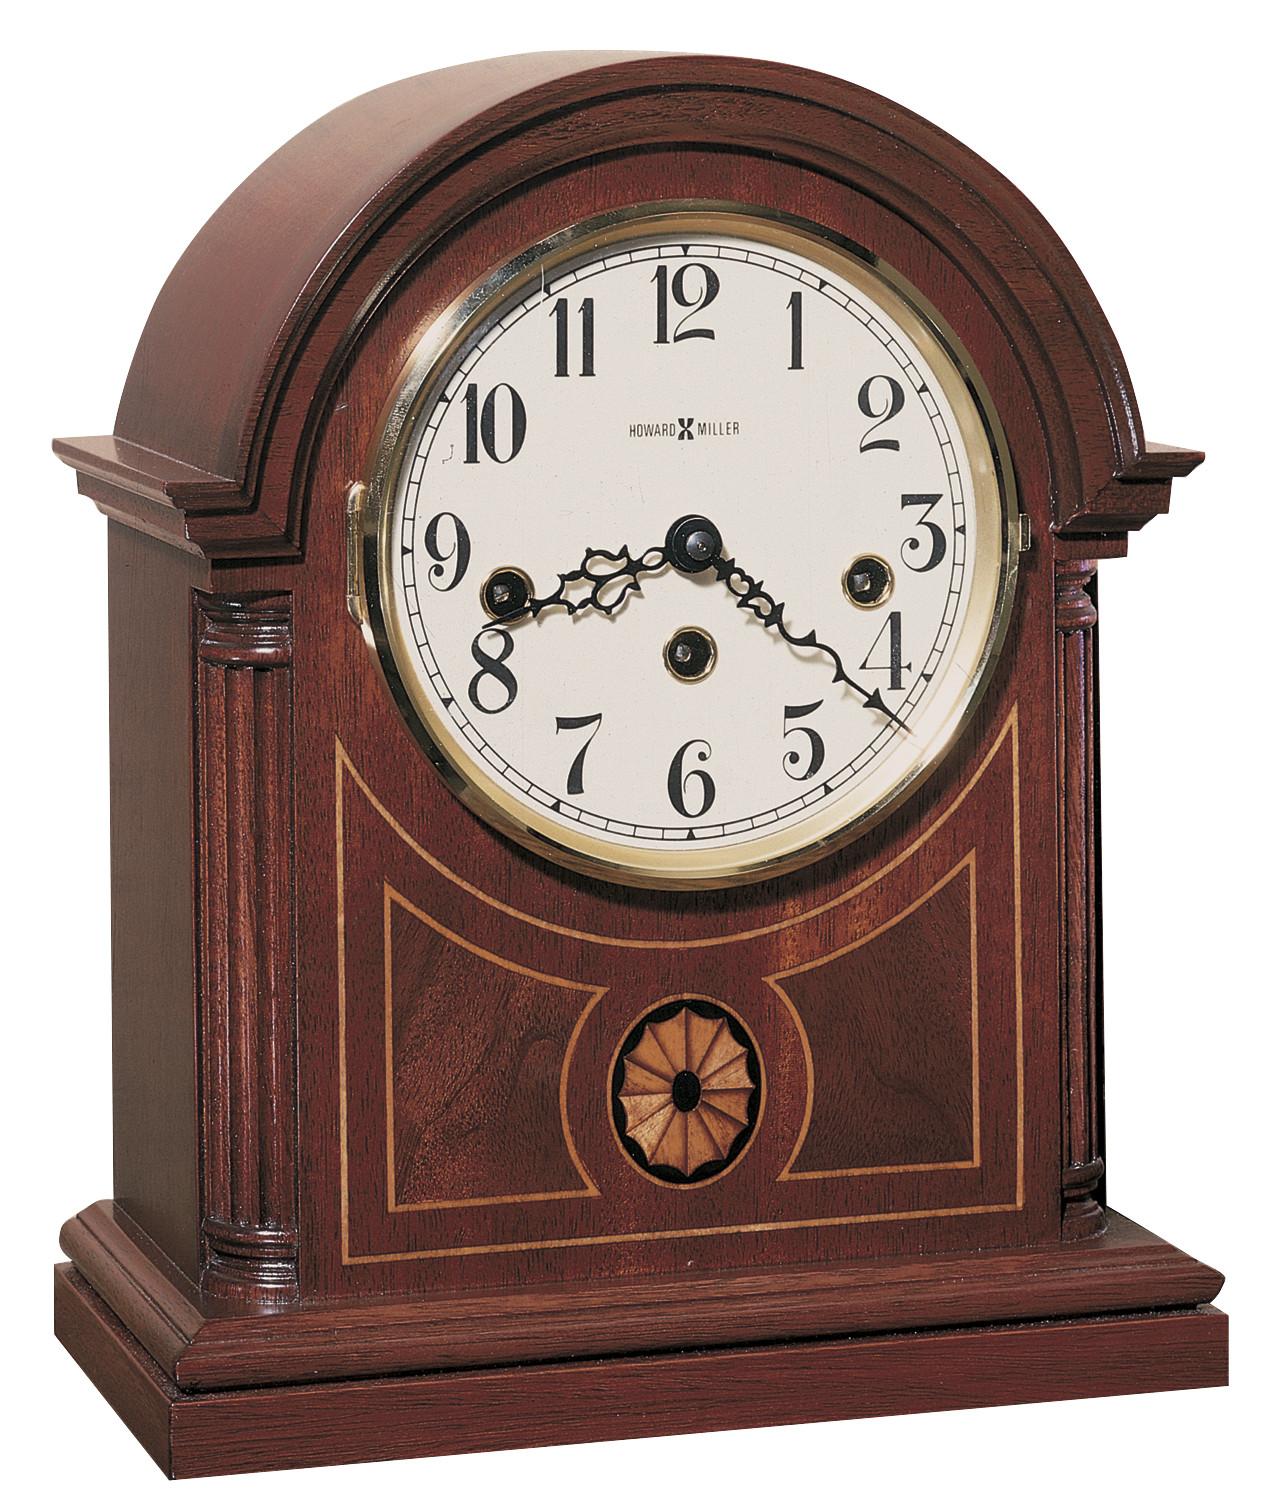 Clock Dealer Clock Repair Mobile Clock Repair Mantel